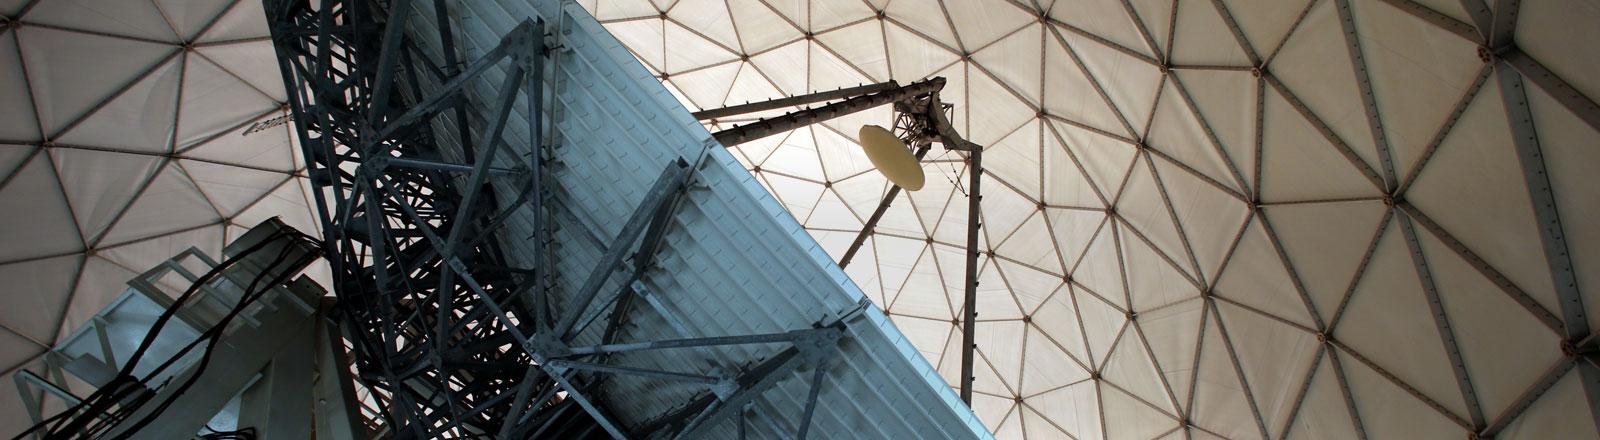 Eine Satellitenschüssel mit über 18 Meter Durchmesser ist am 06.06.2014 in Bad Aibling (Bayern) in einer Empfangsanlage, dem sogenannten Radom, in BND-Außenstelle nahe der Mangfall-Kaserne zu sehen.